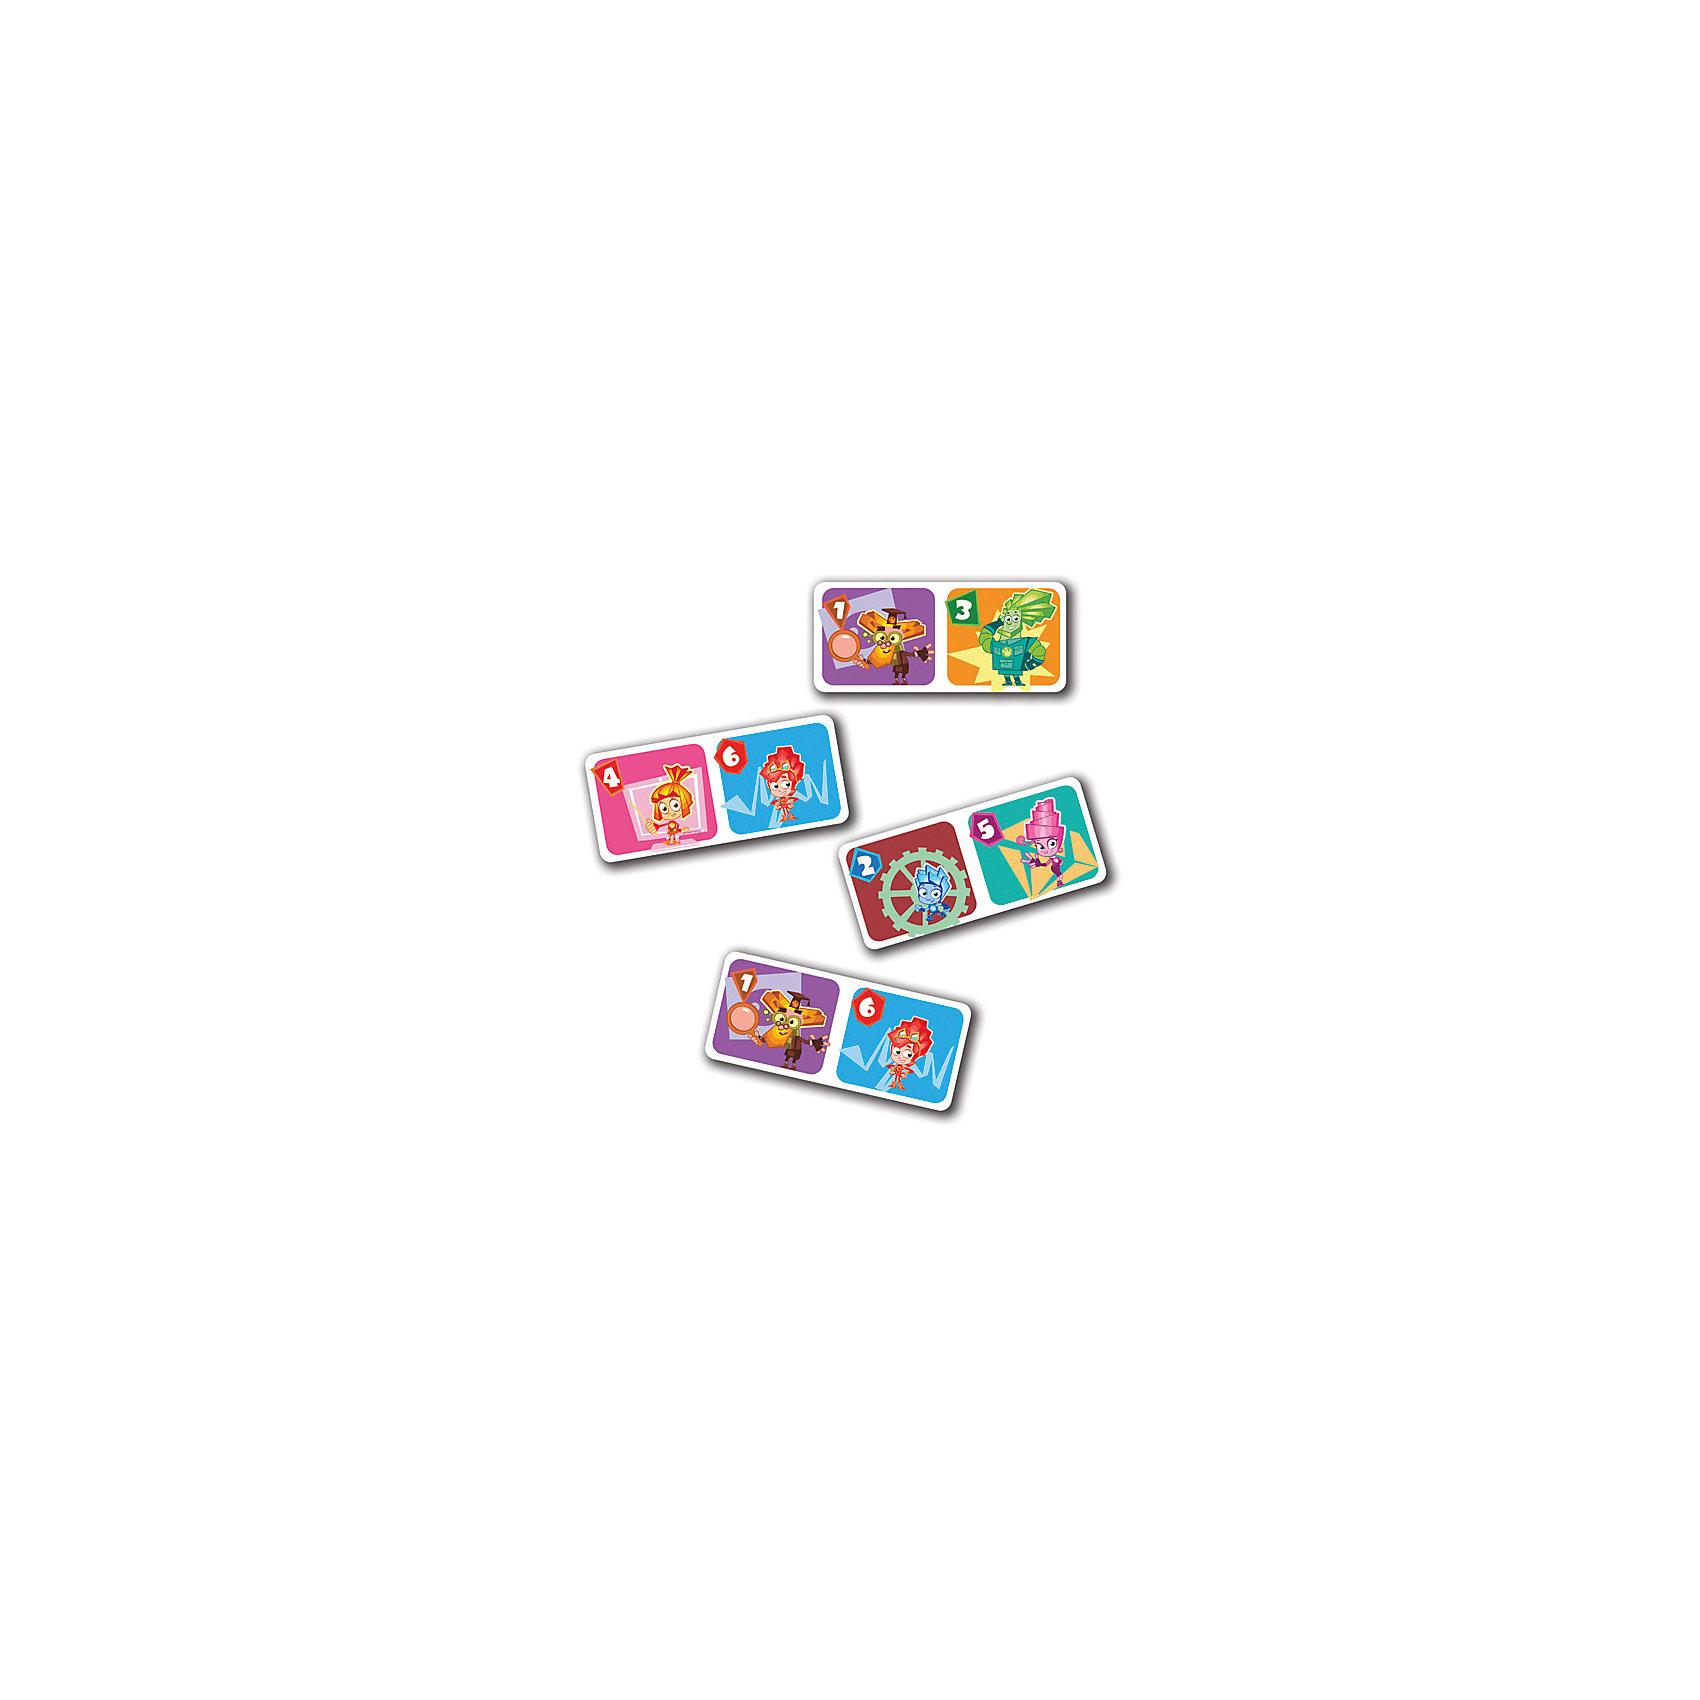 Настольная игра Домино, Фиксики, Vladi ToysДомино<br>Характеристики:<br><br>• Вид игр: обучающие, развивающие<br>• Серия: настольные игры<br>• Пол: универсальный<br>• Материал: картон<br>• Цвет: оранжевый, голубой, розовый, желтый и др.<br>• Комплектация: элементы домино, инструкция с правилами игры<br>• Размеры упаковки (Д*Ш*В): 19,5*3,5*24 см<br>• Тип упаковки: картонная коробка<br>• Вес в упаковке: 240 г<br><br>Настольная игра Домино, Фиксики, Vladi Toys, производителем которых является компания, специализирующаяся на выпуске развивающих игр, давно уже стали популярными среди аналогичной продукции. Развивающие настольные игры являются эффективным способом развития и обучения ребенка. При производстве настольных игр от Vladi Toys используются только экологически безопасные материалы, которые не вызывают аллергии и не имеют запаха. Набор состоит из фишек-домино с изображением персонажей сериала Фиксики. Все игровые элементы набора отличаются яркостью красок и наглядностью. <br>Настольная игра Домино, Фиксики, Vladi Toys позволит организовать веселый и полезный досуг вашего ребенка, научит внимательности и логическому мышлению, а также будет способствовать развитию памяти.<br><br>Настольную игру Домино, Фиксики, Vladi Toys можно купить в нашем интернет-магазине.<br><br>Ширина мм: 195<br>Глубина мм: 35<br>Высота мм: 240<br>Вес г: 240<br>Возраст от месяцев: 24<br>Возраст до месяцев: 84<br>Пол: Унисекс<br>Возраст: Детский<br>SKU: 5136126